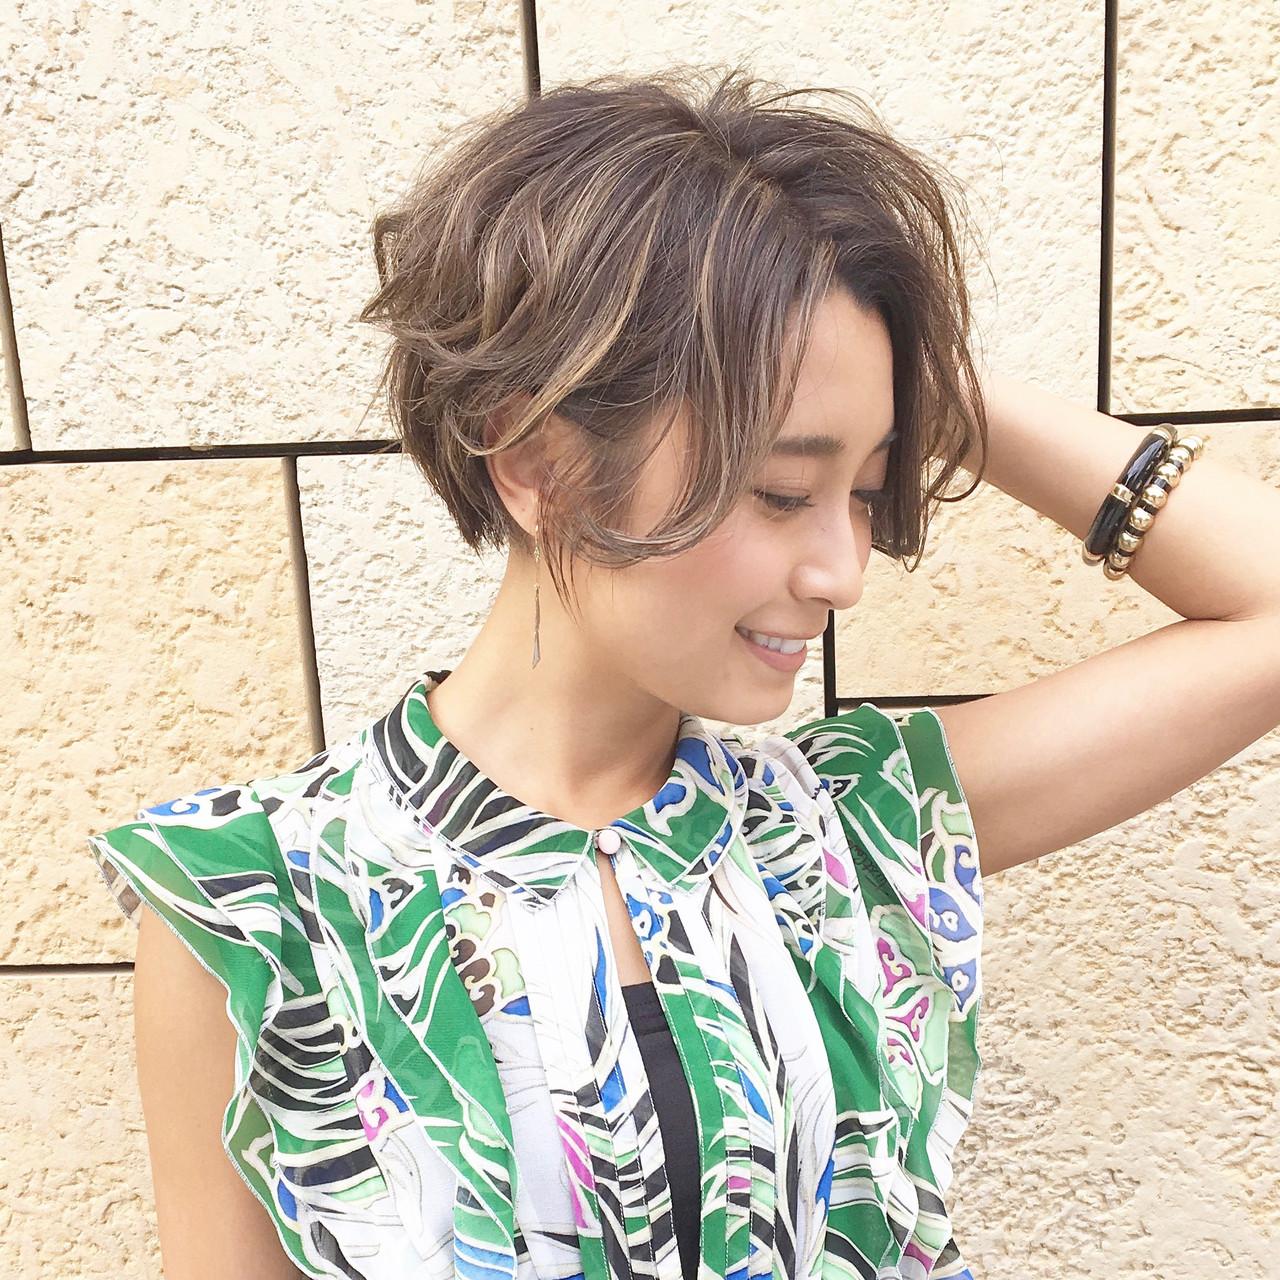 ボブ 前下がりボブ パーマ ボブ ヘアスタイルや髪型の写真・画像 | 上山 誠樹 / kakimoto arms 武蔵小杉店